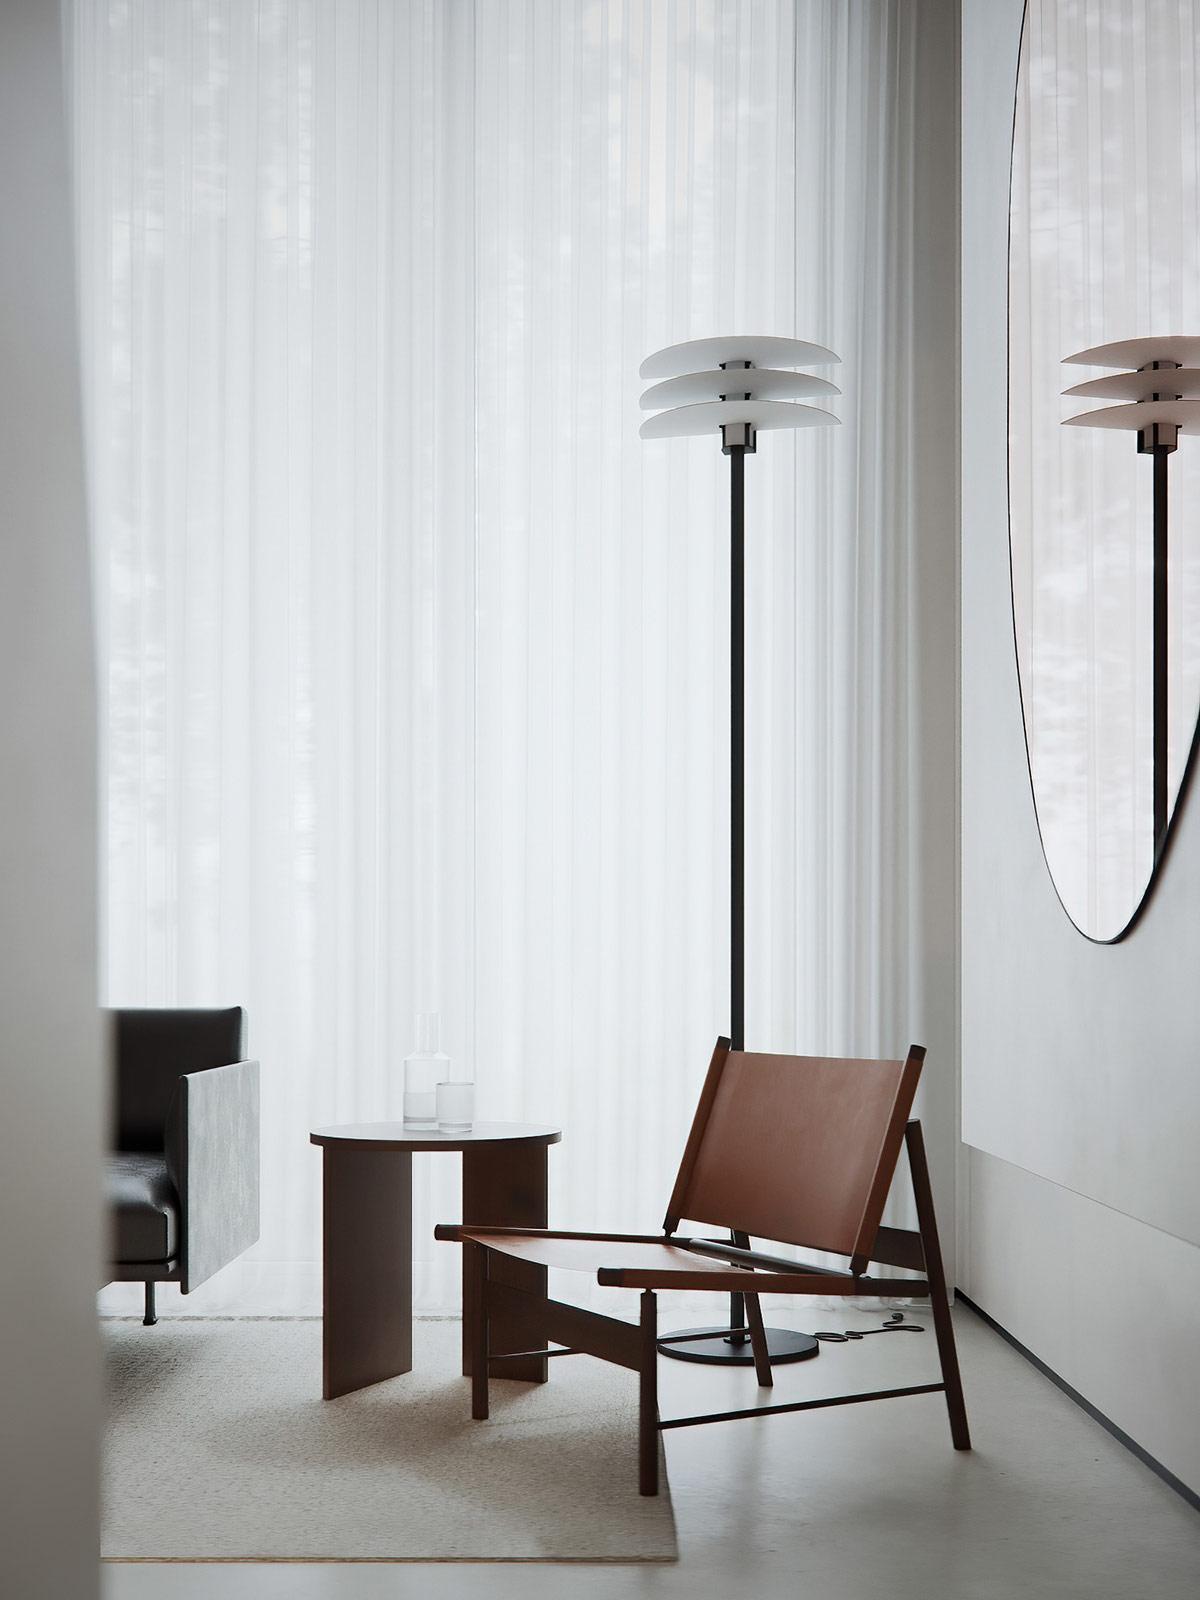 Góc đọc sách trong phòng khách được thiết kế theo phong cách thời thường với ghế dài màu hạt dẻ, đèn sàn bắt mắt, bàn phụ nhỏ.